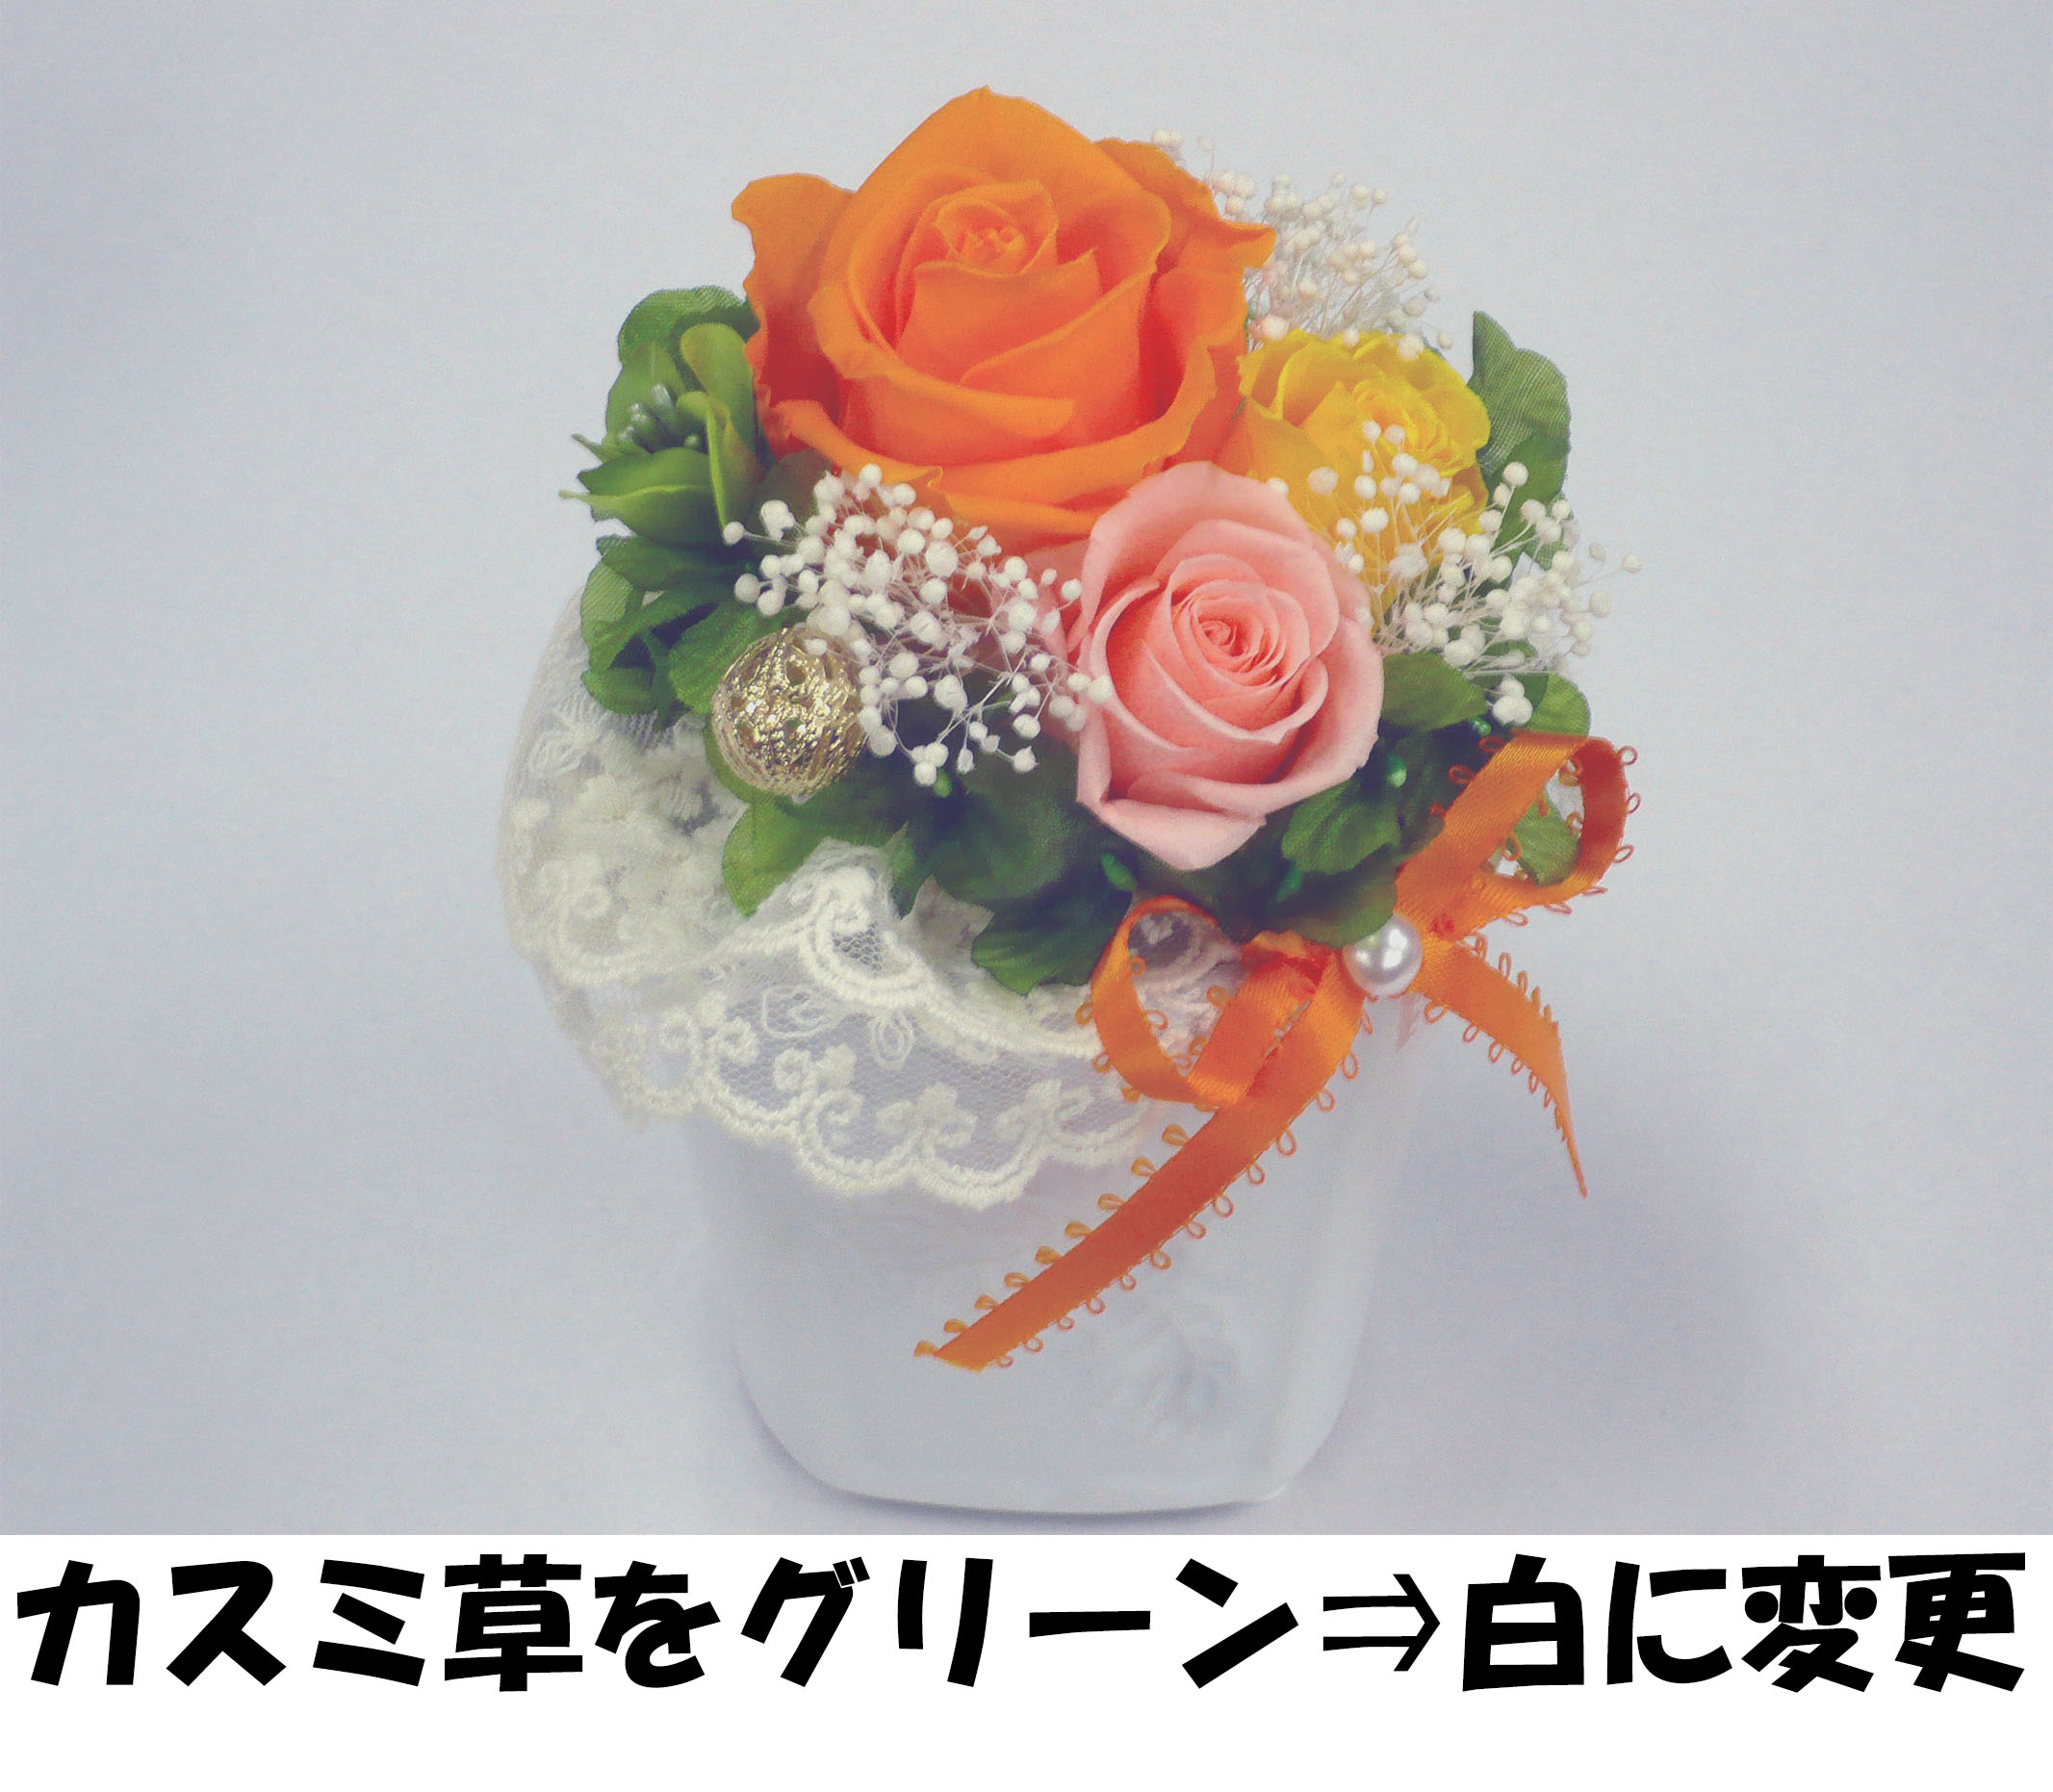 http://www.mille-art.jp/blog/PZ865O.jpg